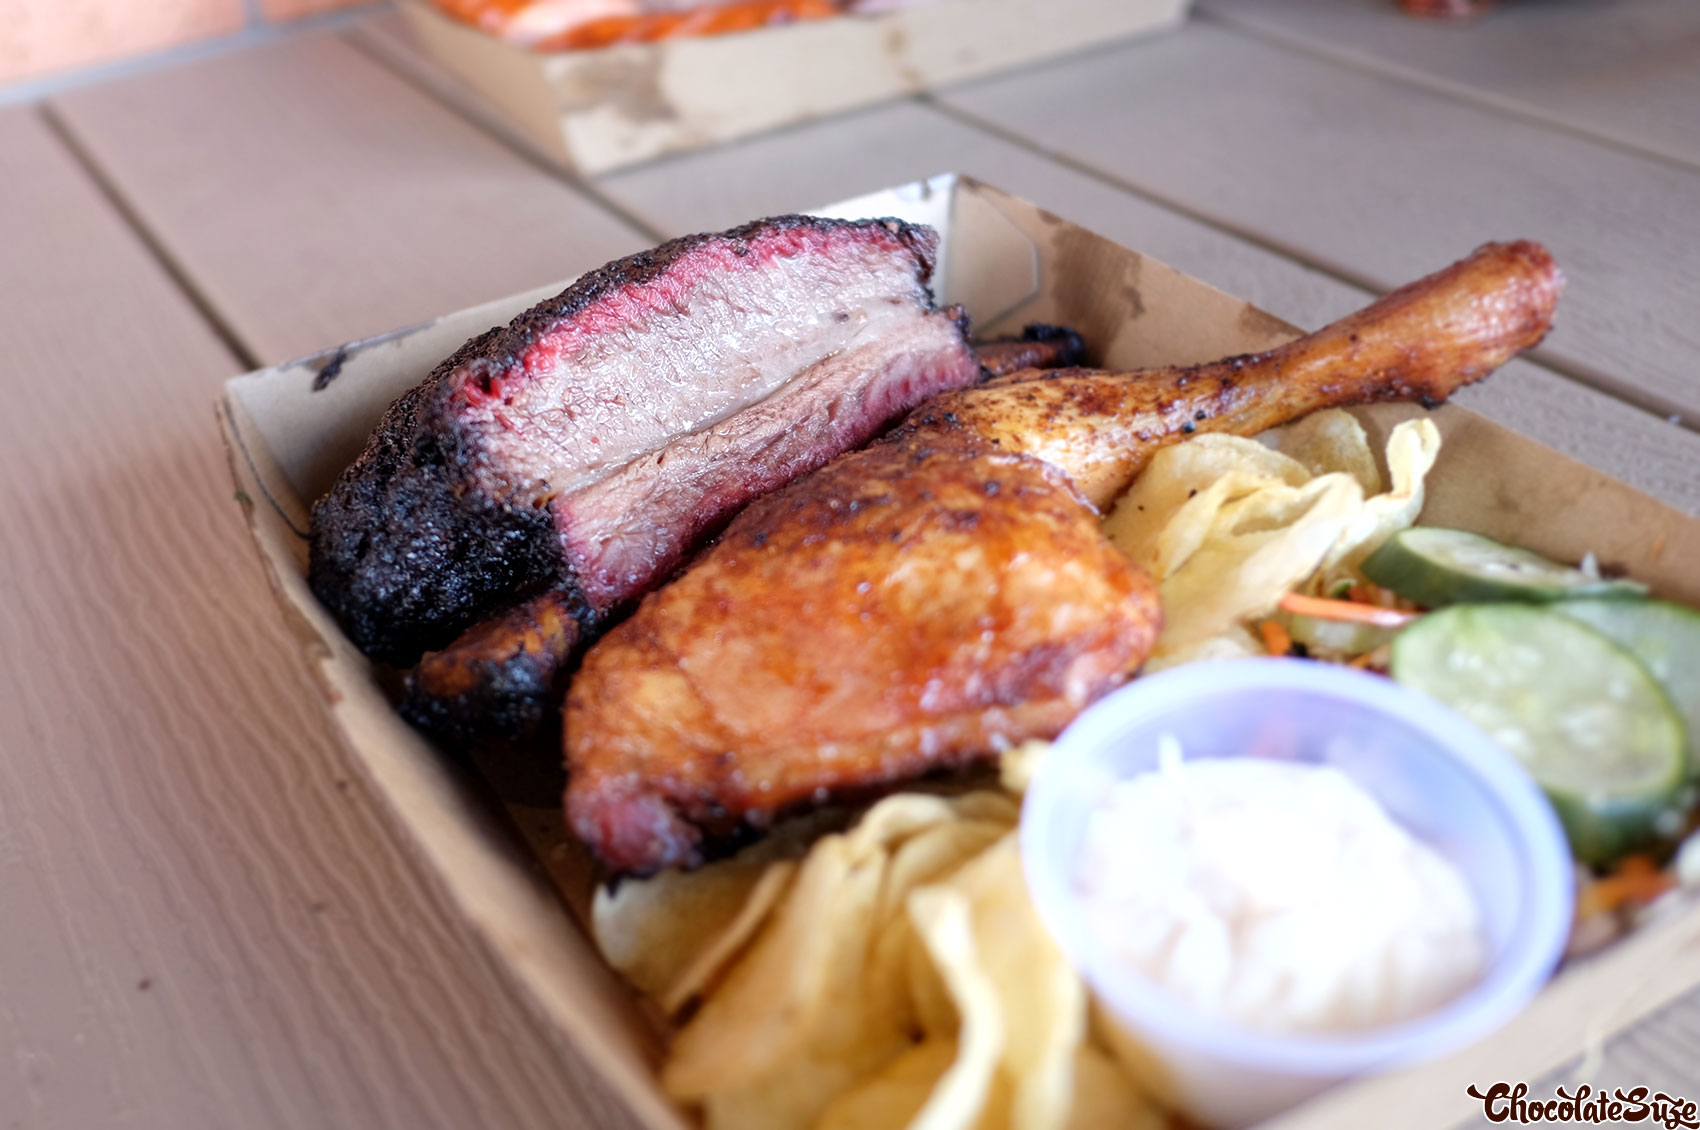 Beef short rib and smoked chicken at Black Bear BBQ, Blacktown